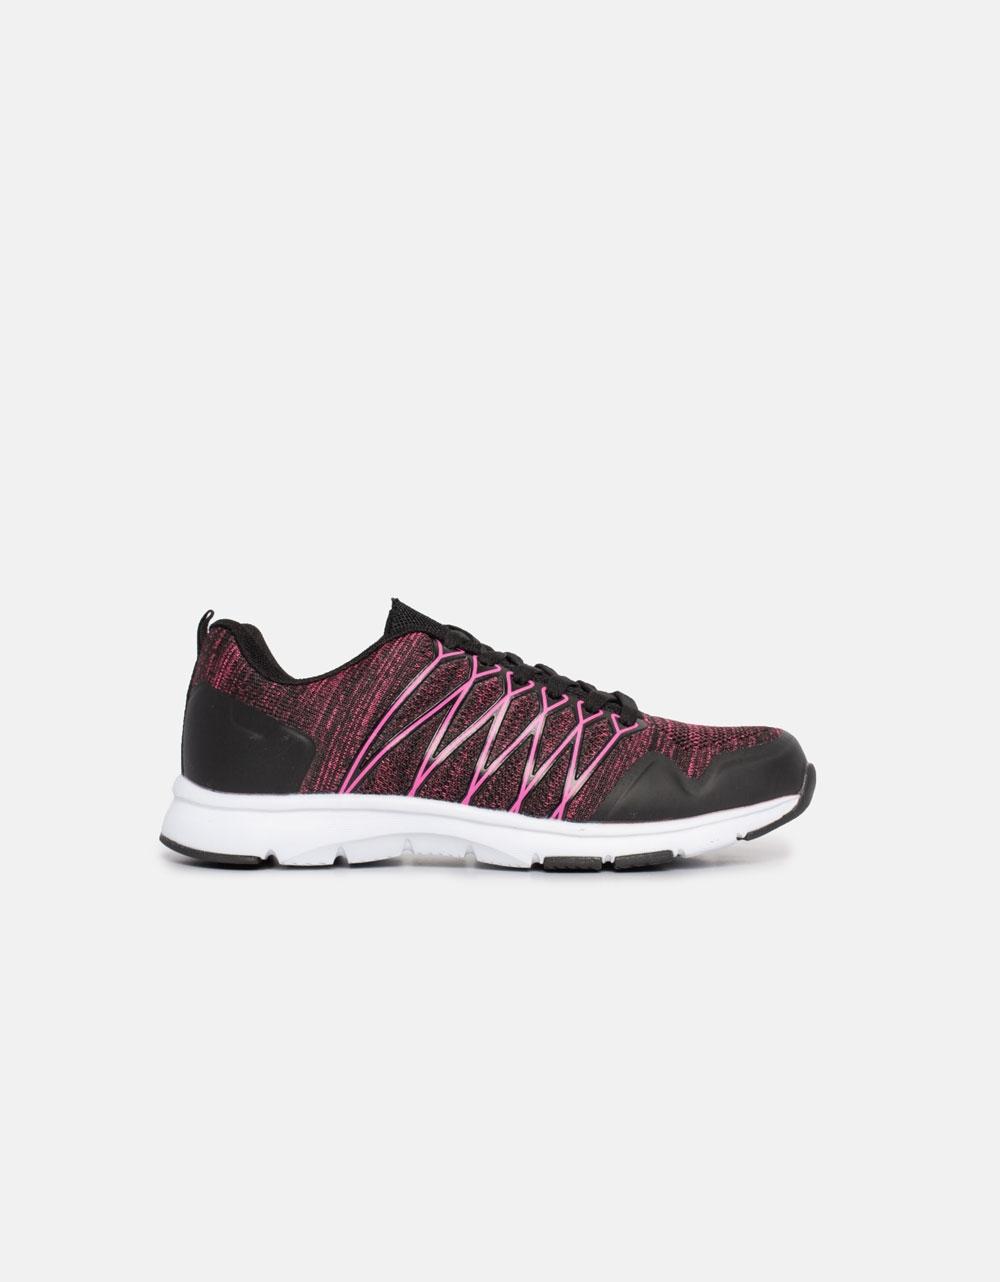 Εικόνα από Γυναικεία sneakers σε συνδυασμό χρωμάτων και υλικών Μαύρο/Ροζ